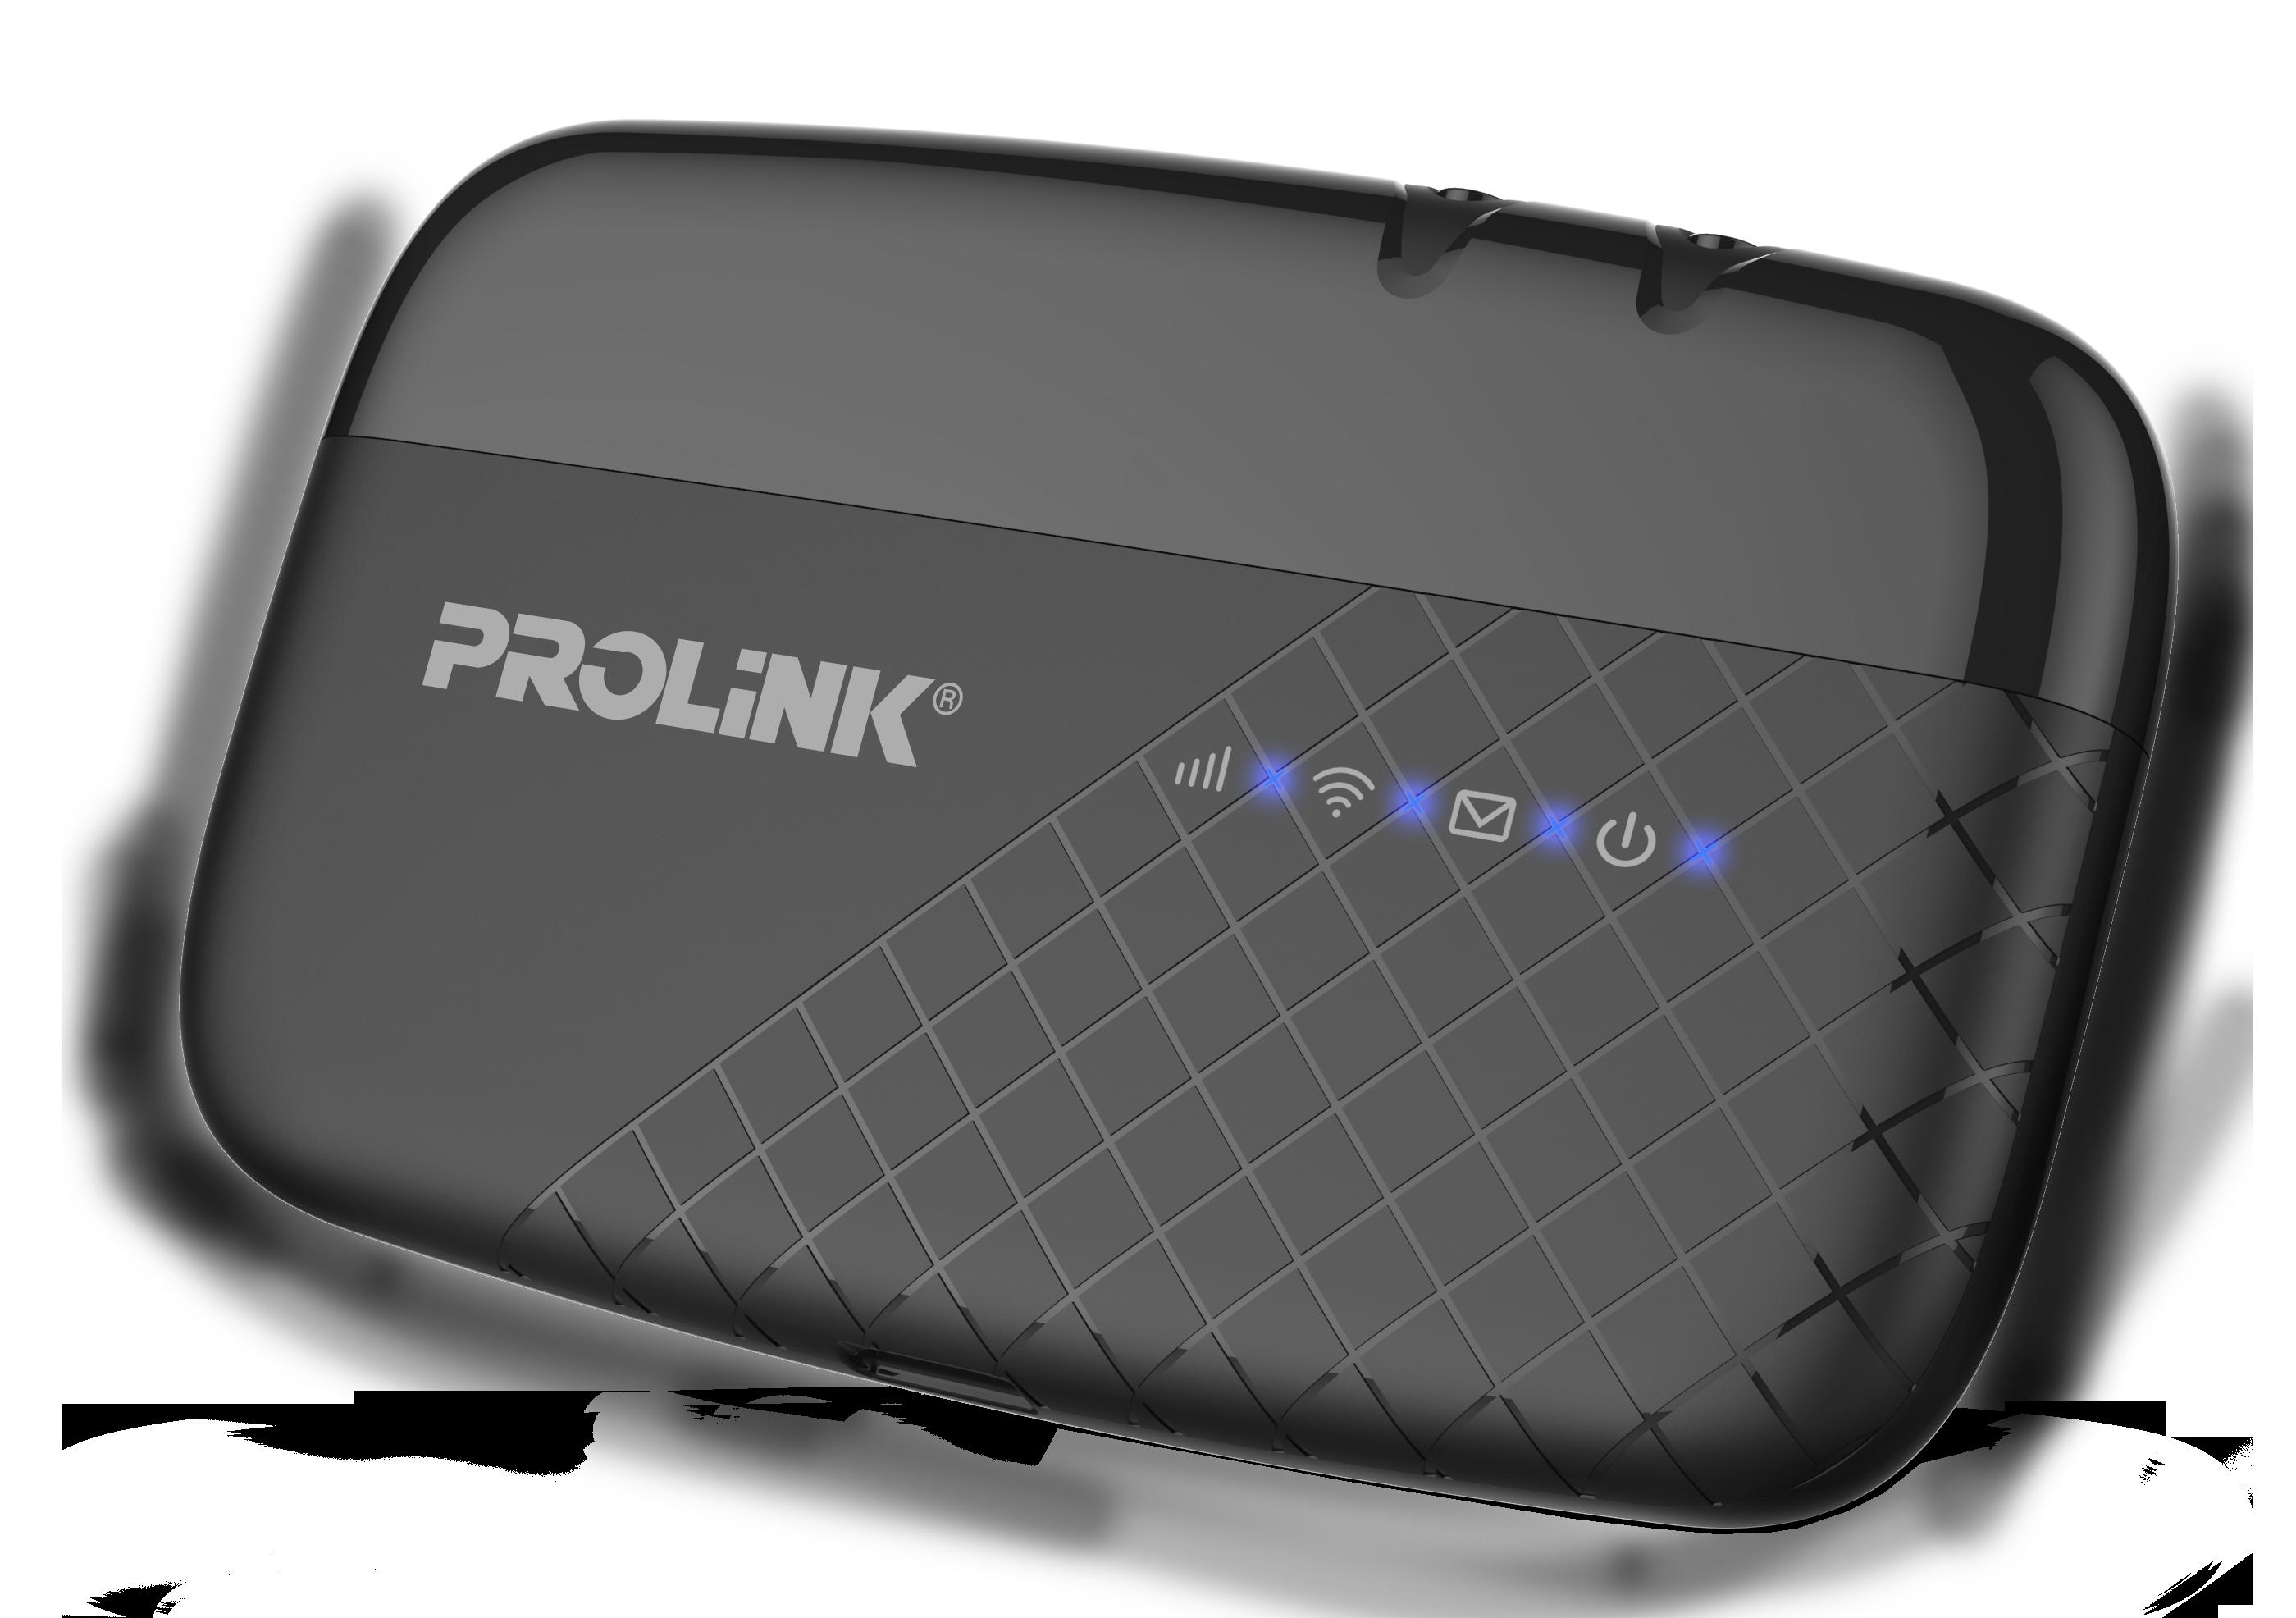 Thiết bị phát WIFI di động 4G LTE Prolink PRT7011L - PRT7011L - Hàng chính hãng